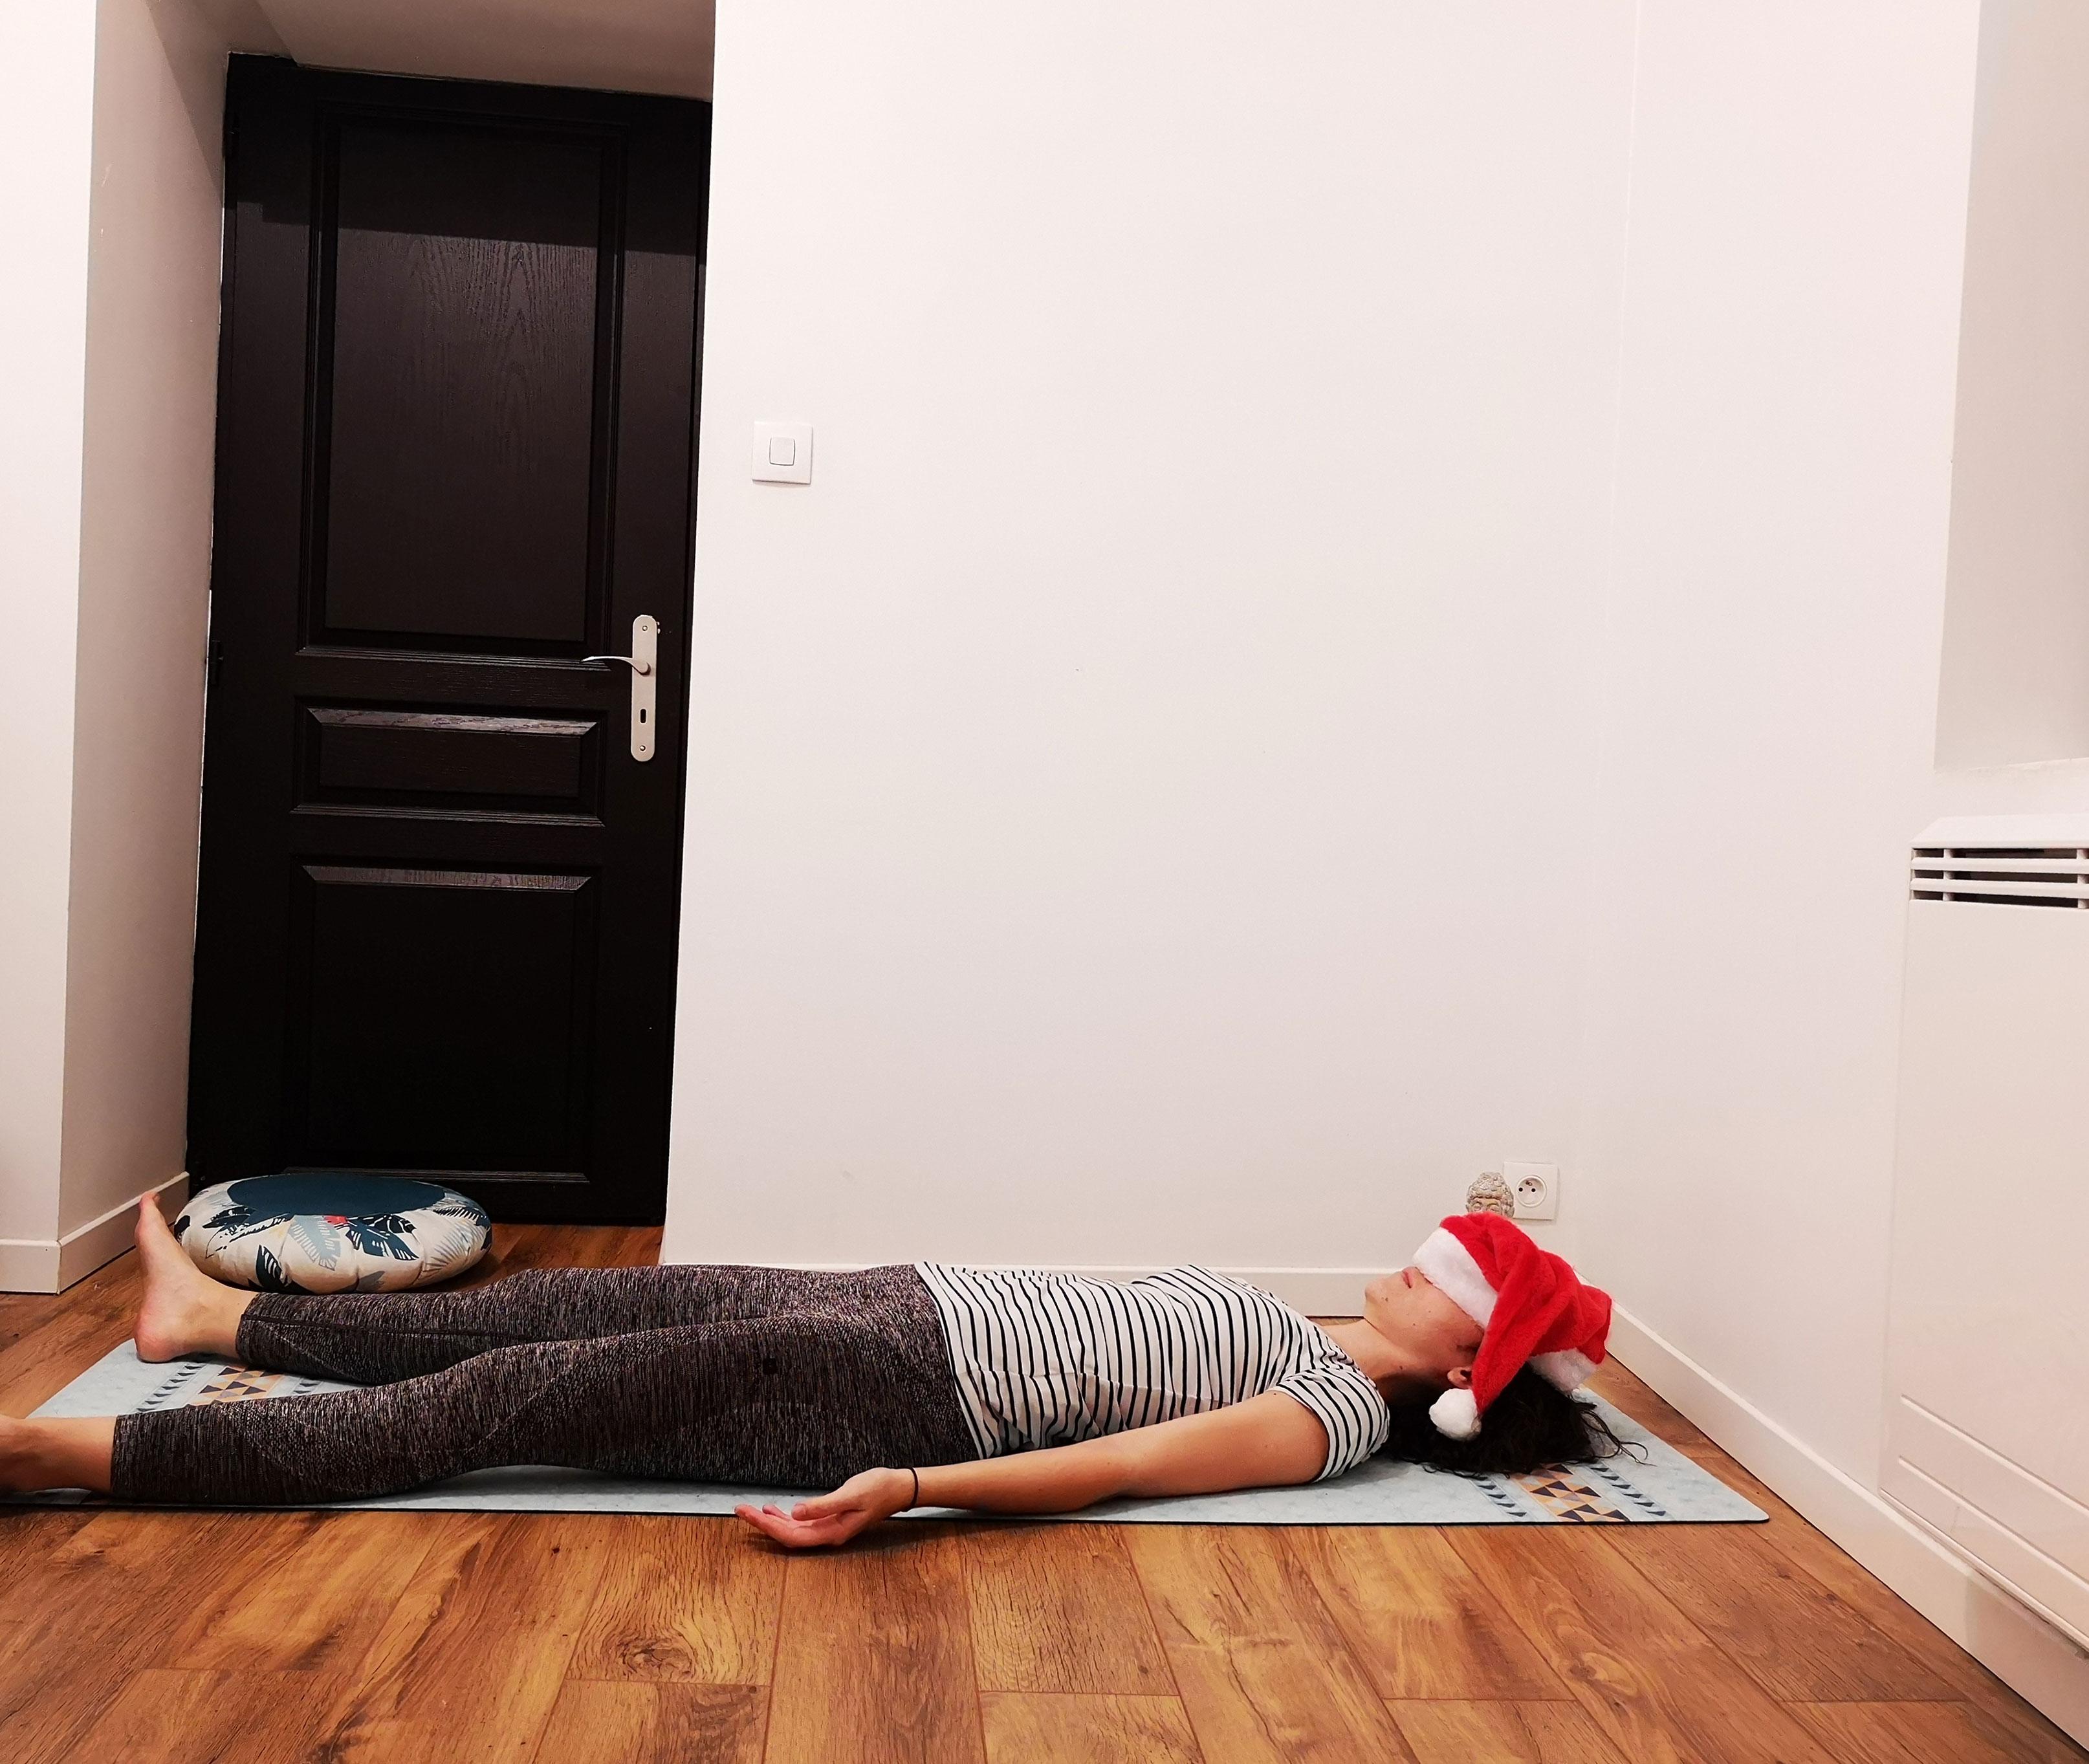 Posture de savasana yoga